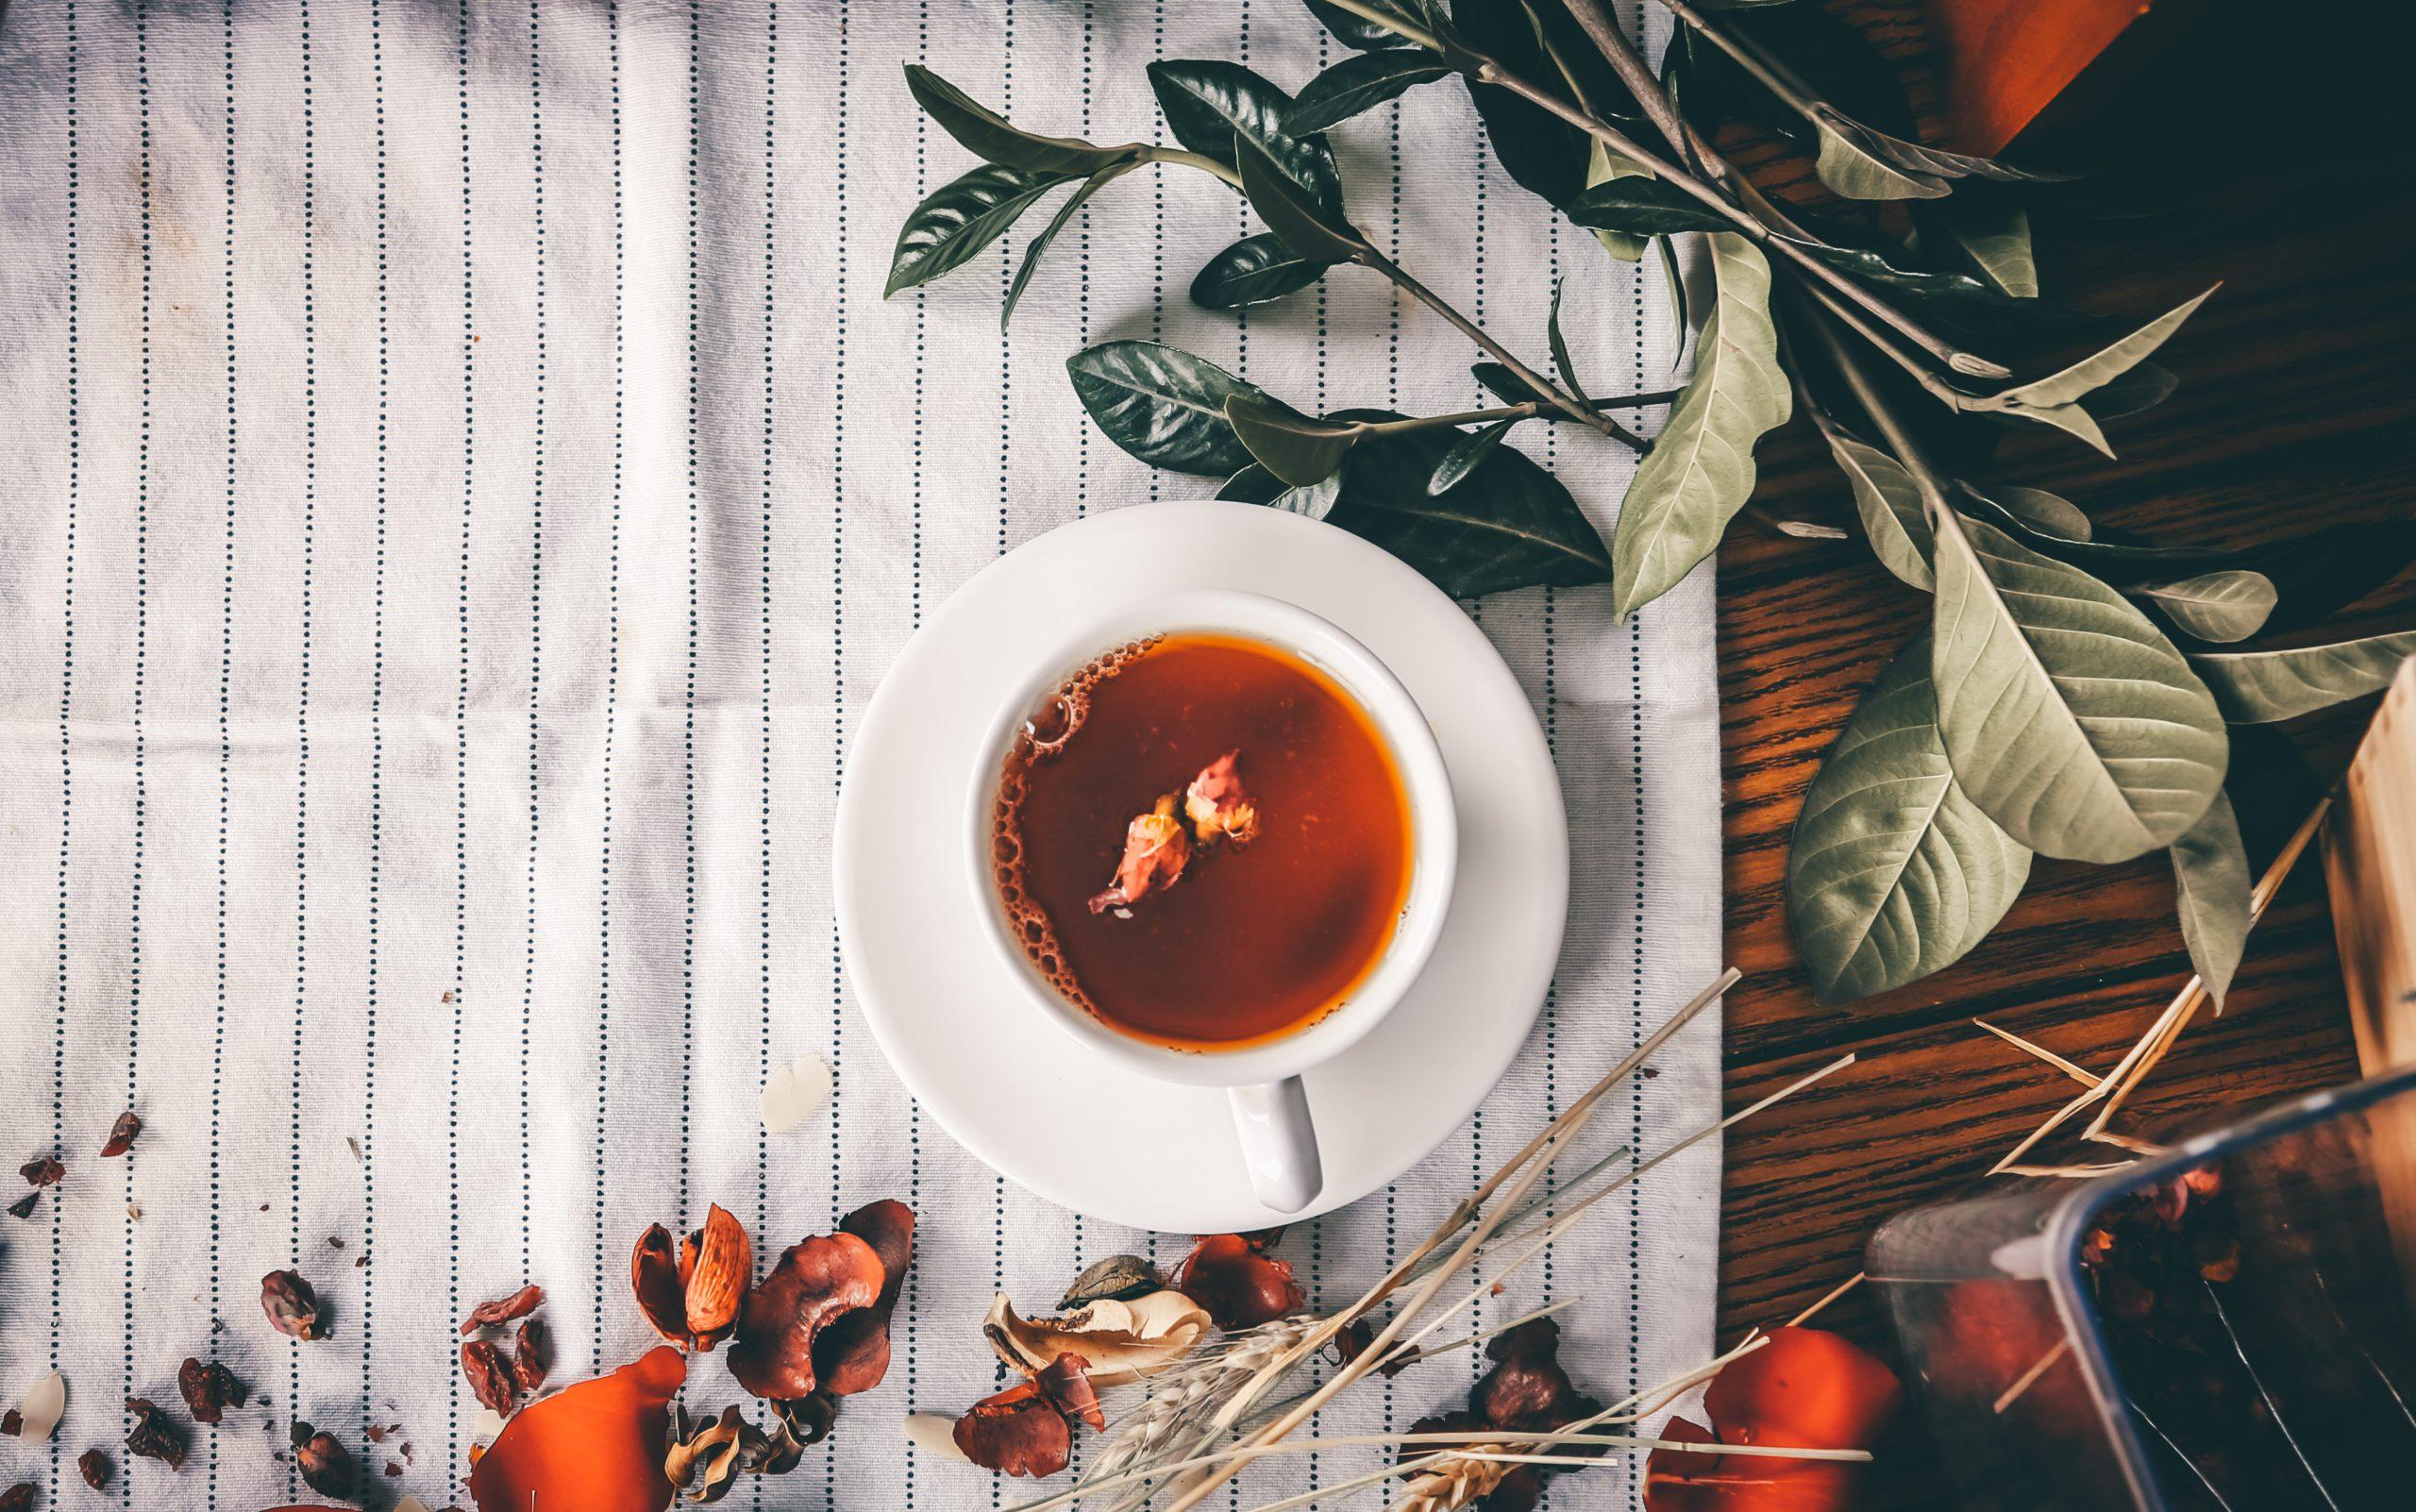 cách chế biến trà hoa hồng khá là dễ dàng